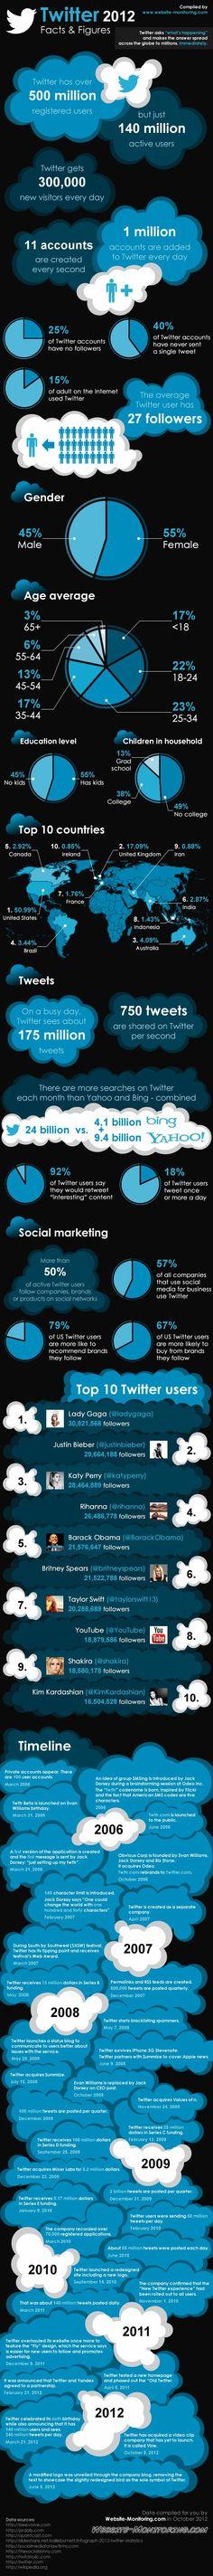 Die Jahresbilanz von Twitter: Wo lagen die Trends und wie wird es sich wohl weiter entwickeln?